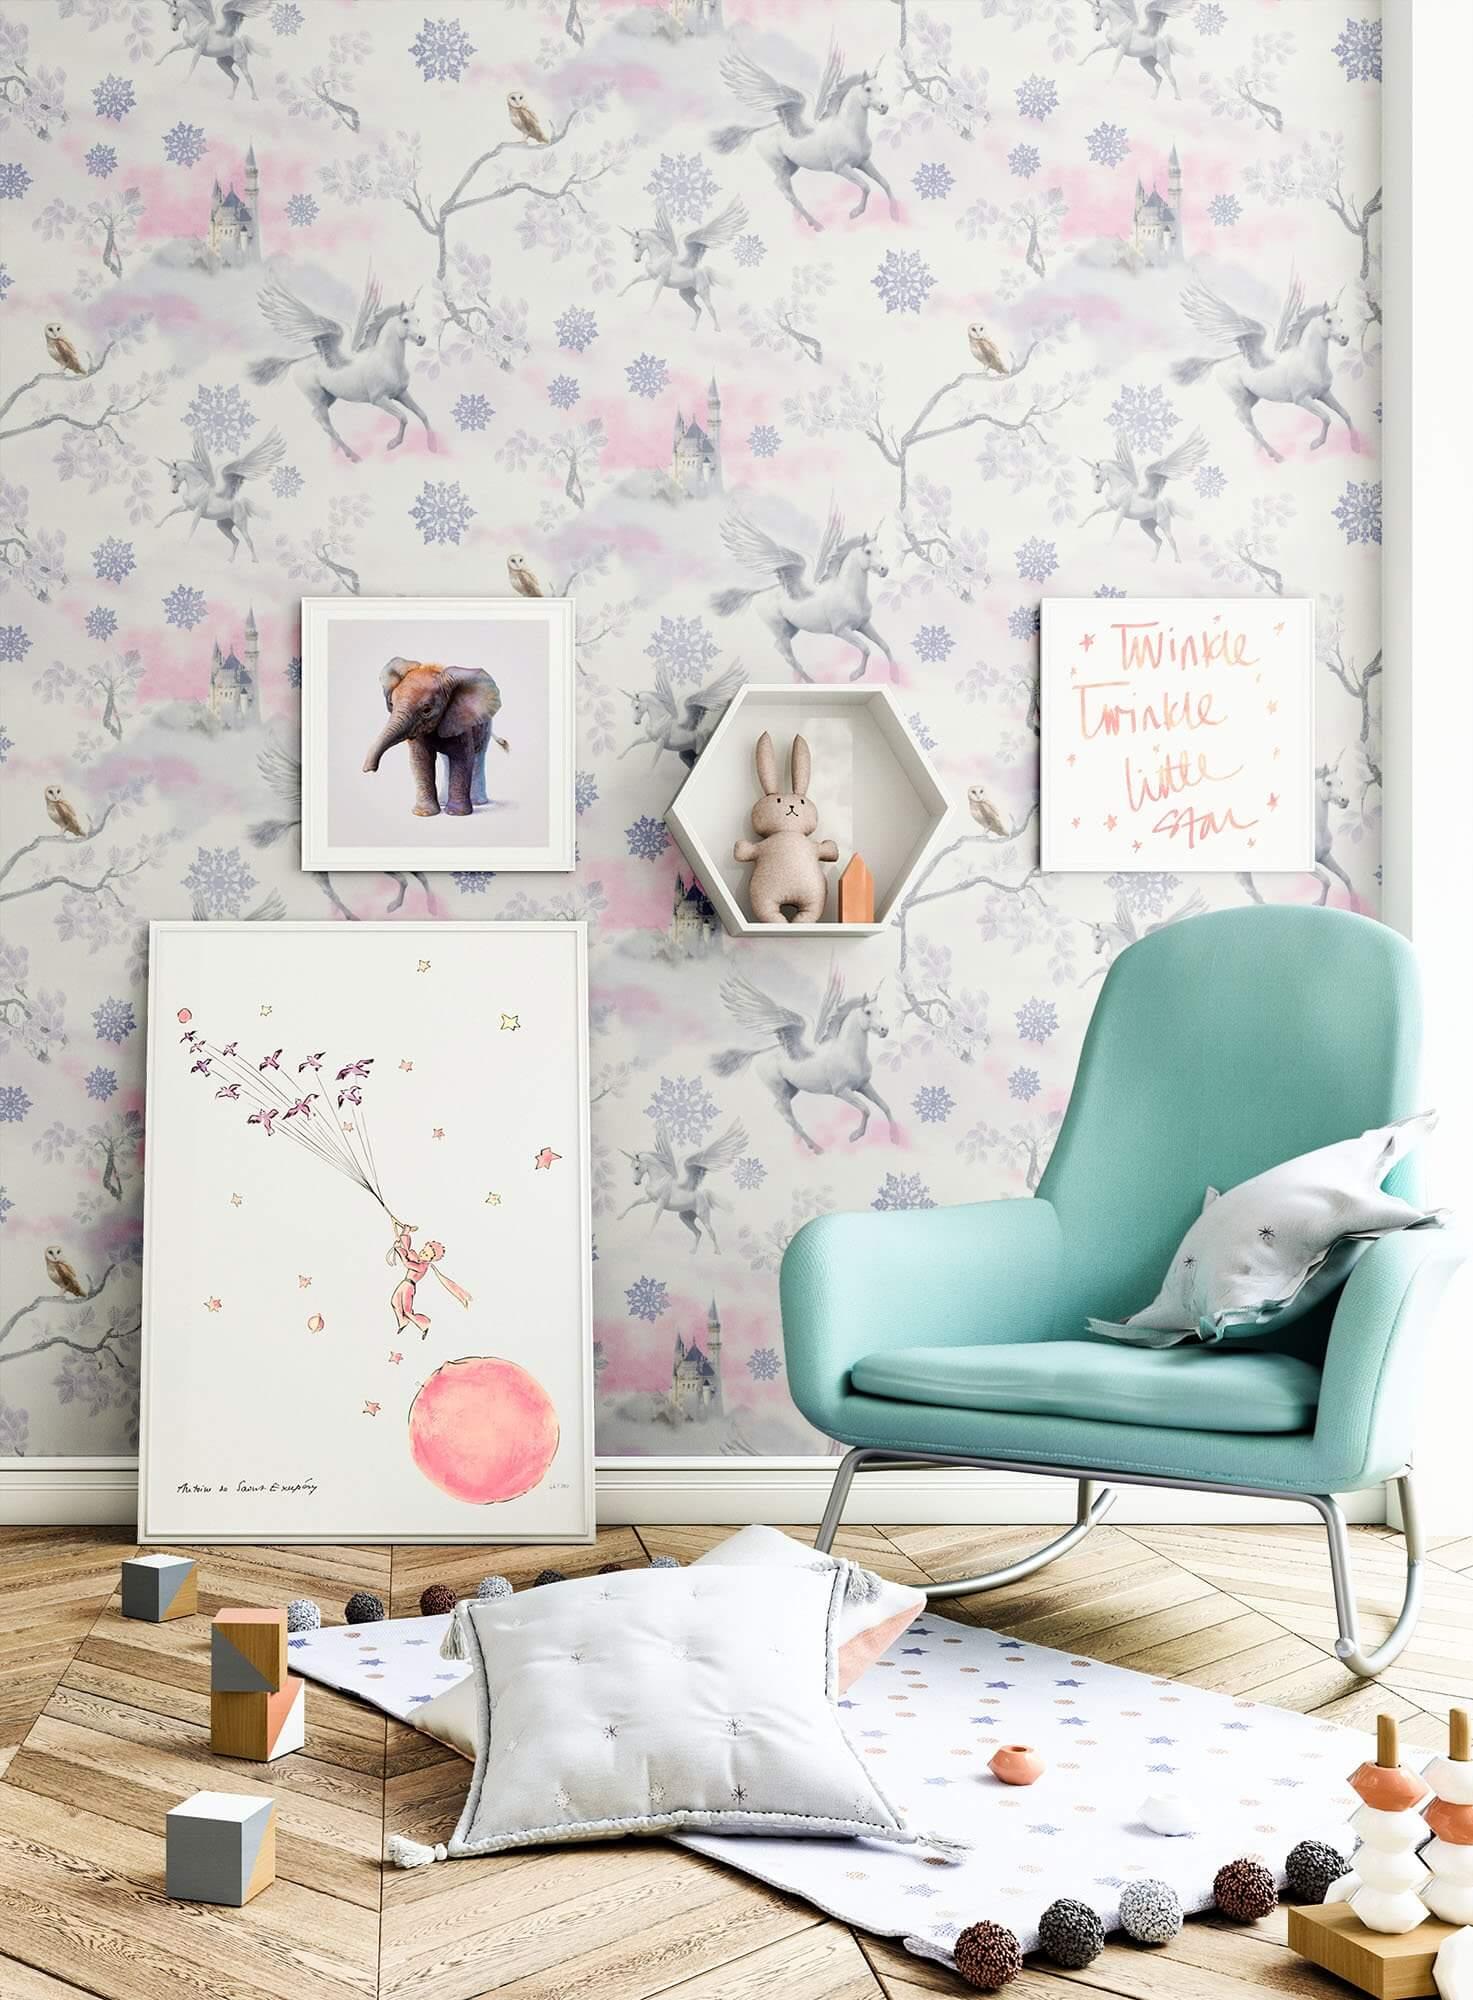 Papiertapete rosa romantisch einhorn glanz newroom for Zimmer deko einhorn